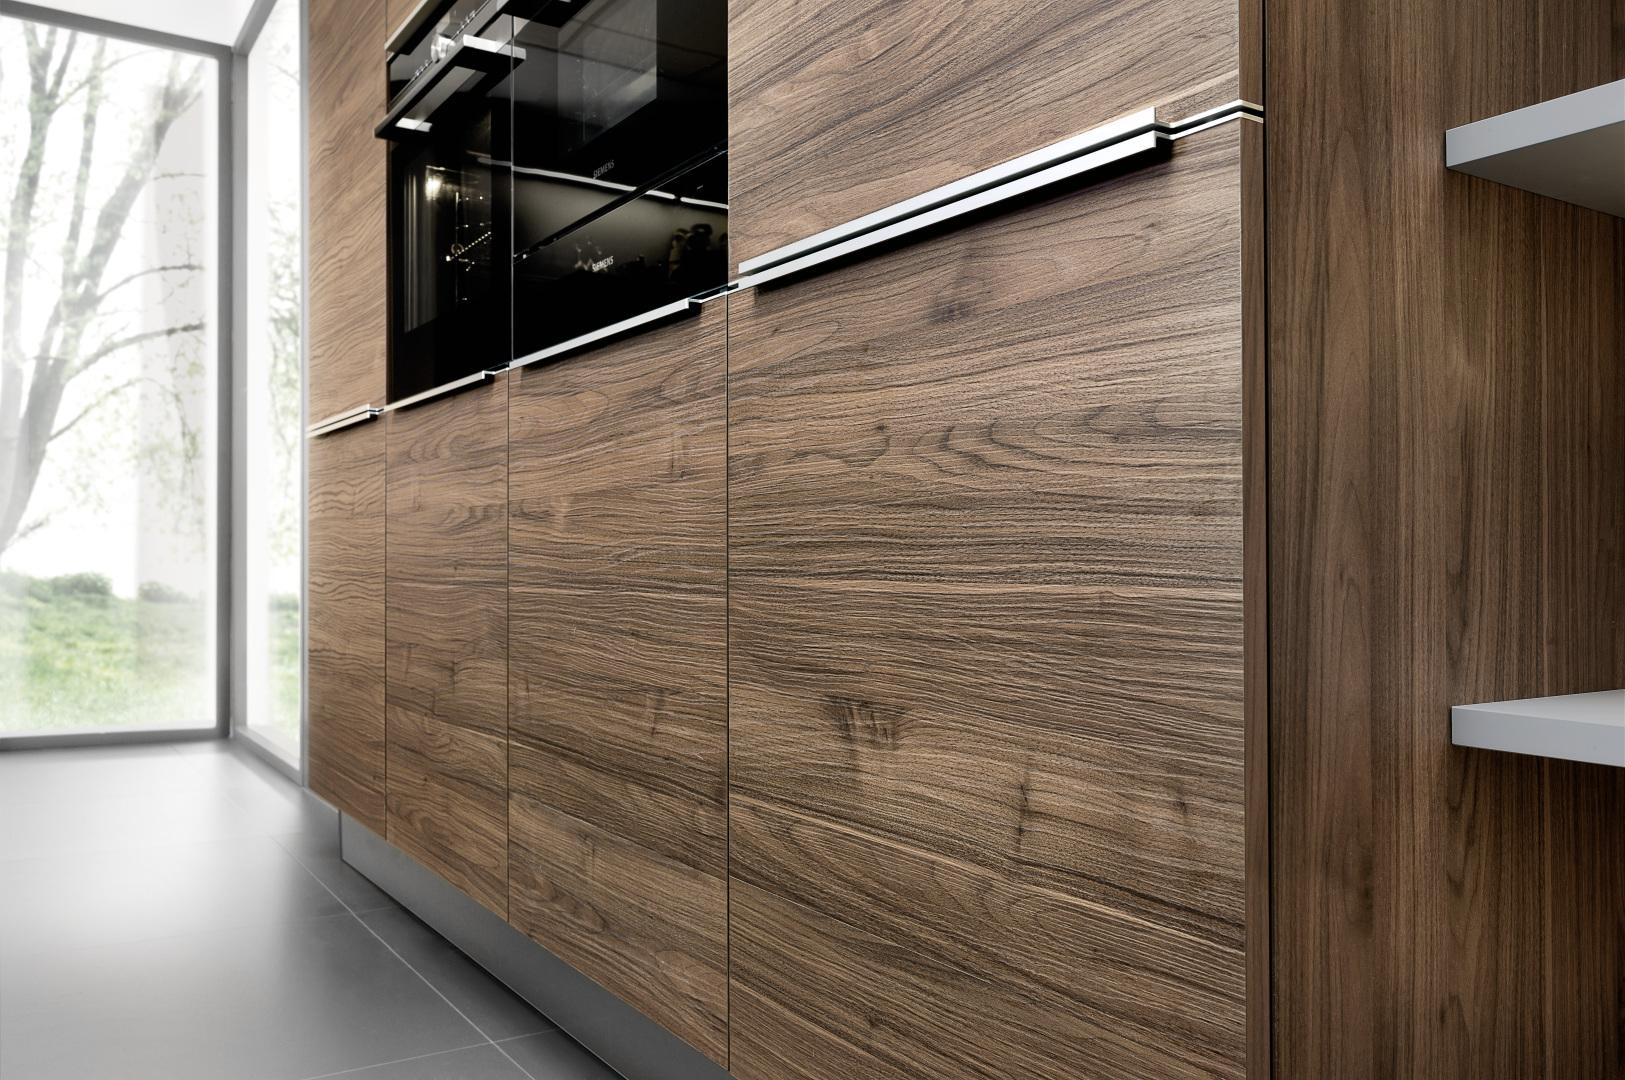 ameublement agencement intérieur meuble de cuisine rangements